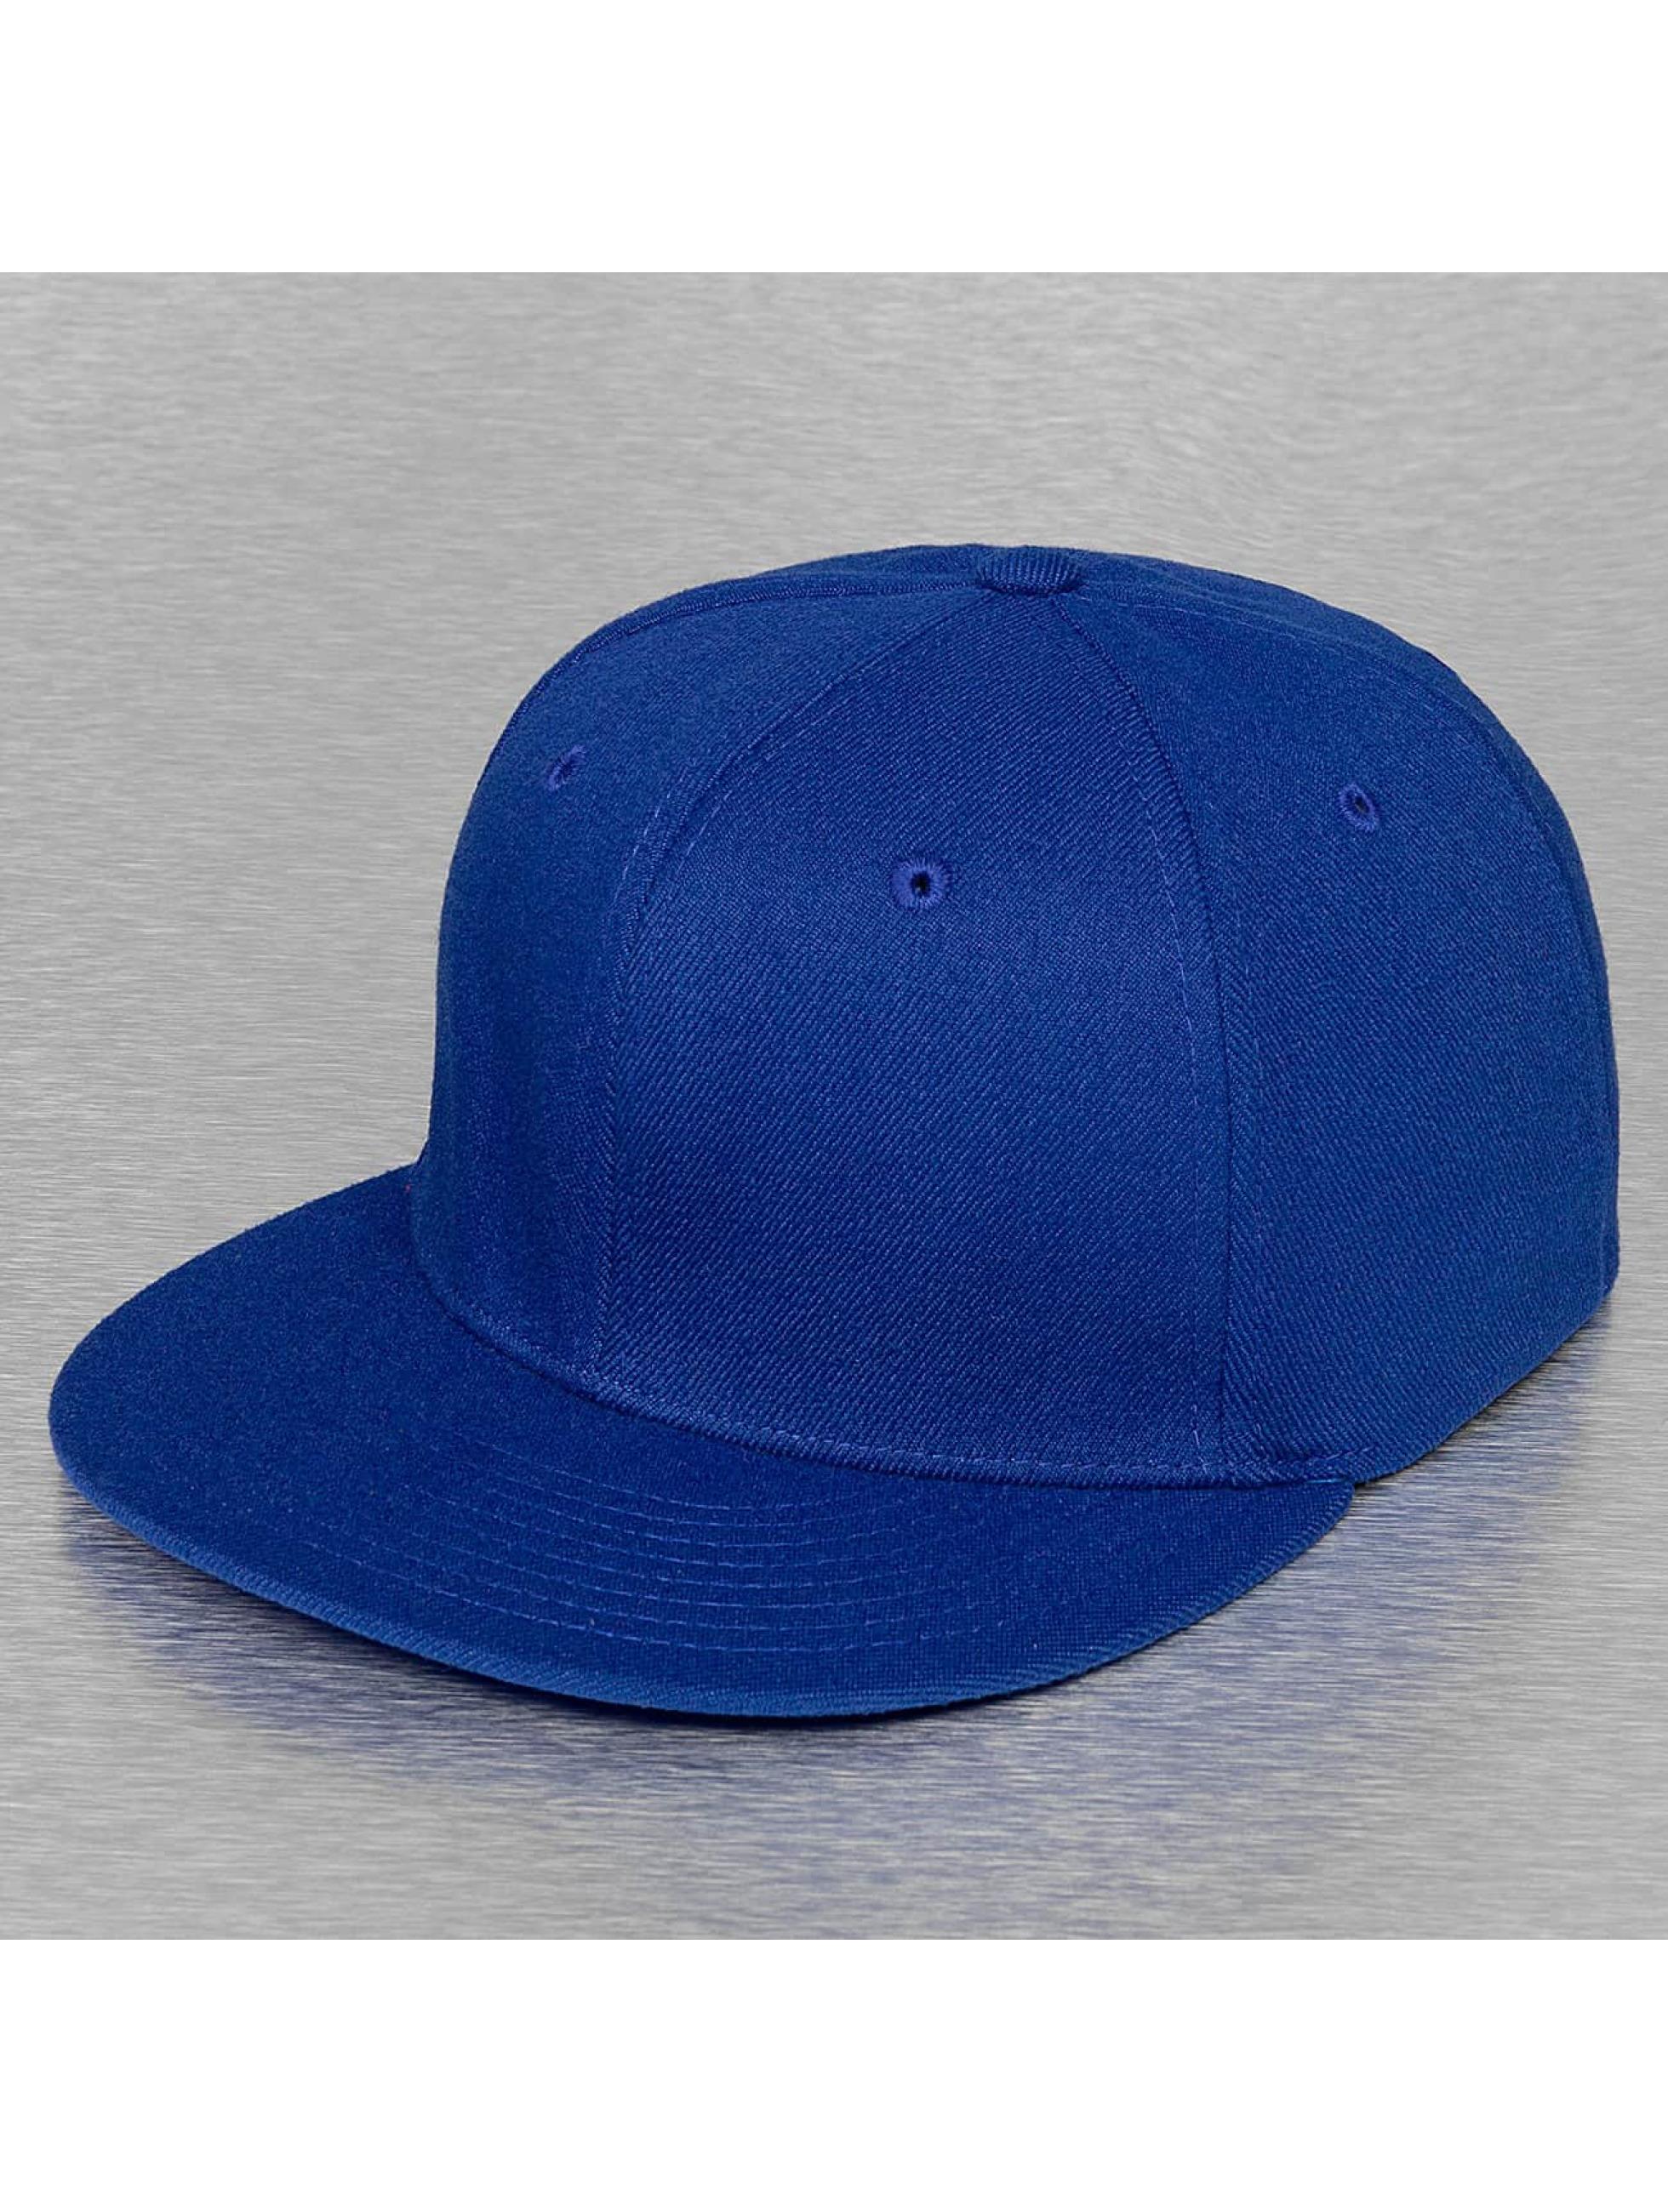 Decky USA Бейсболкa Flexfit Flat Bill синий